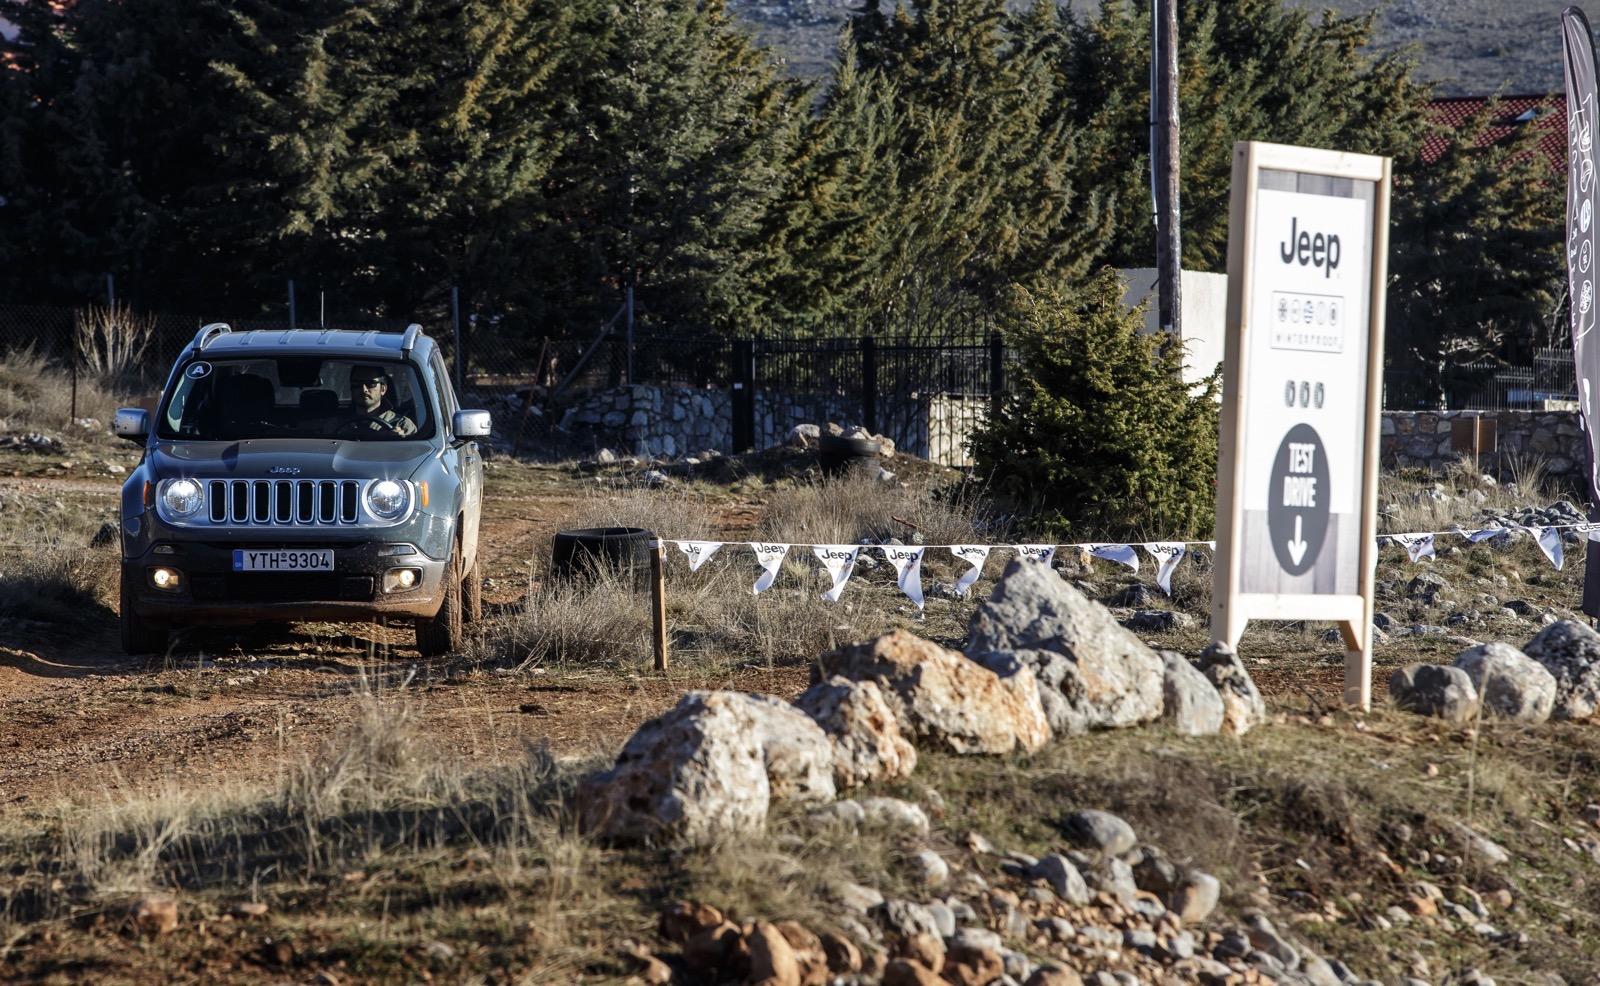 Jeep_Camp_Arahova_31